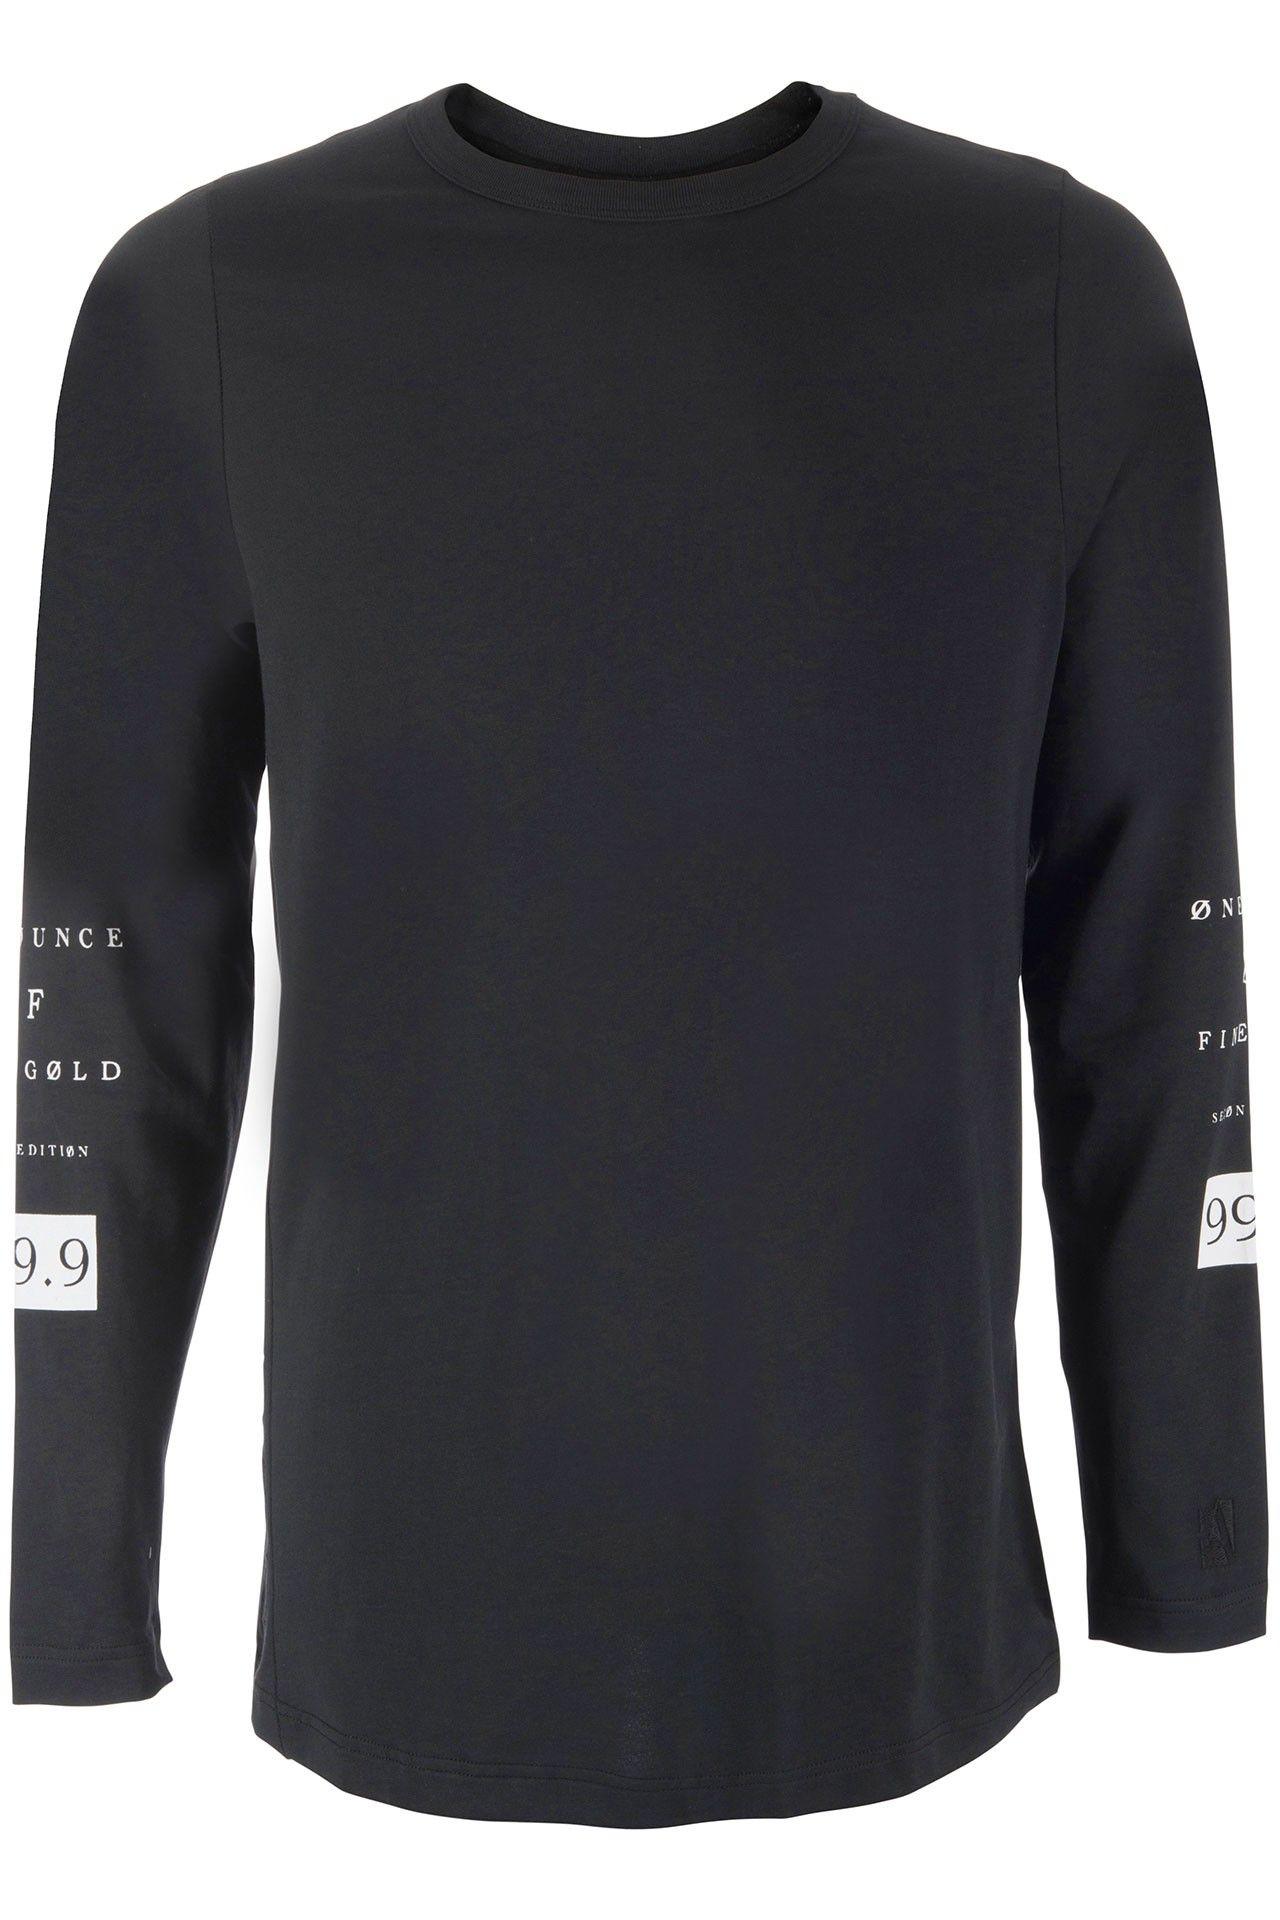 Franzel Amsterdam Igwt Long Sleeve Zwart Zwart Mouwen T Shirts Zwart